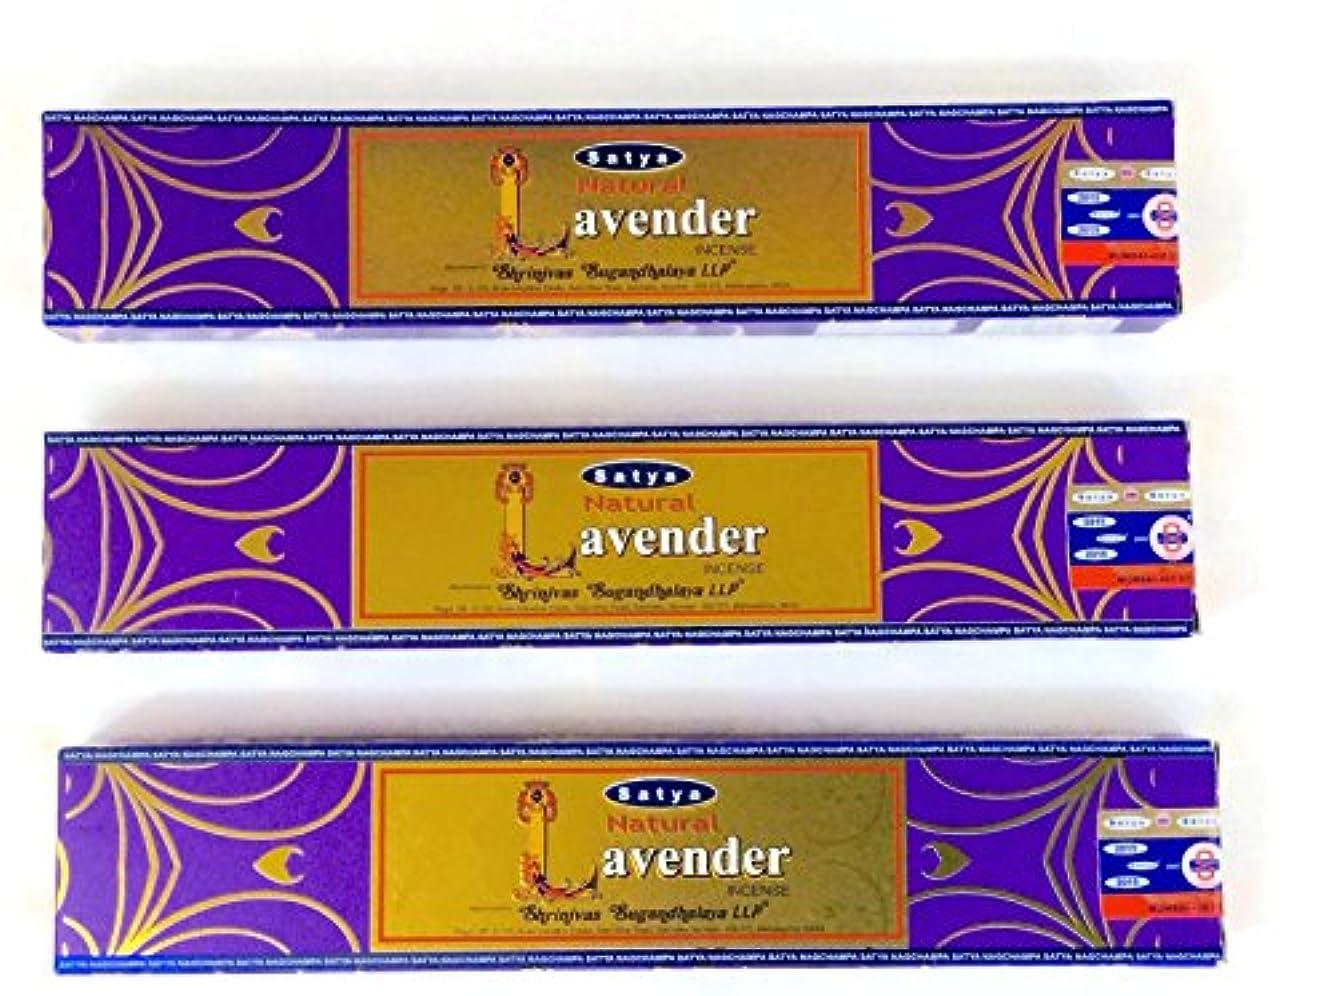 永遠の咳ジョージハンブリー天然ラベンダーIncense Lot of 3パック。インドでハンドメイド